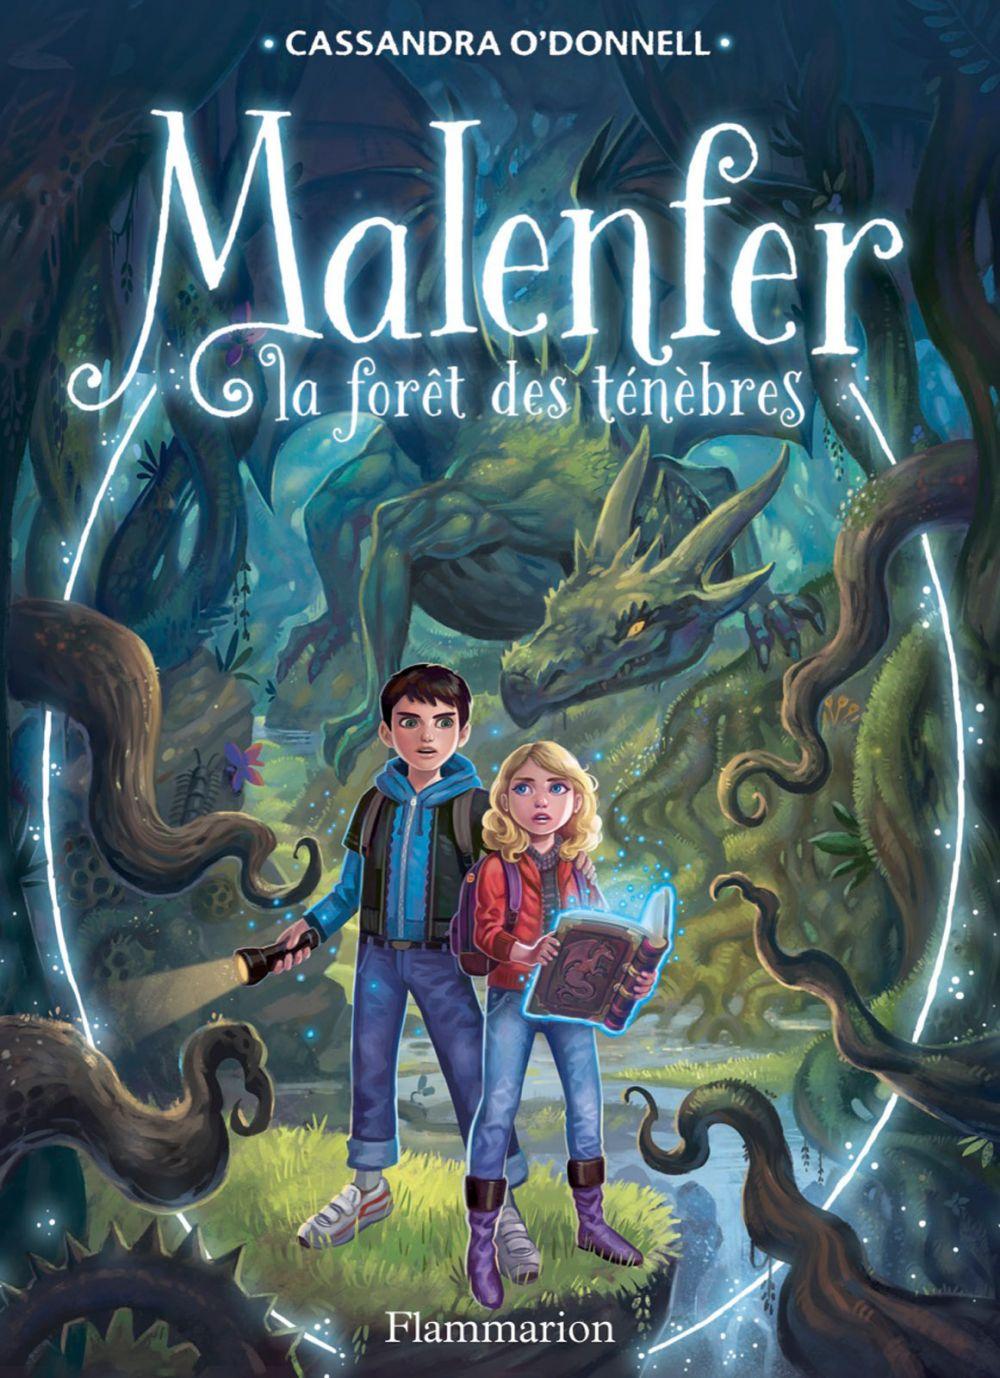 Malenfer - Terres de magie (Tome 1) - La forêt des ténèbres |